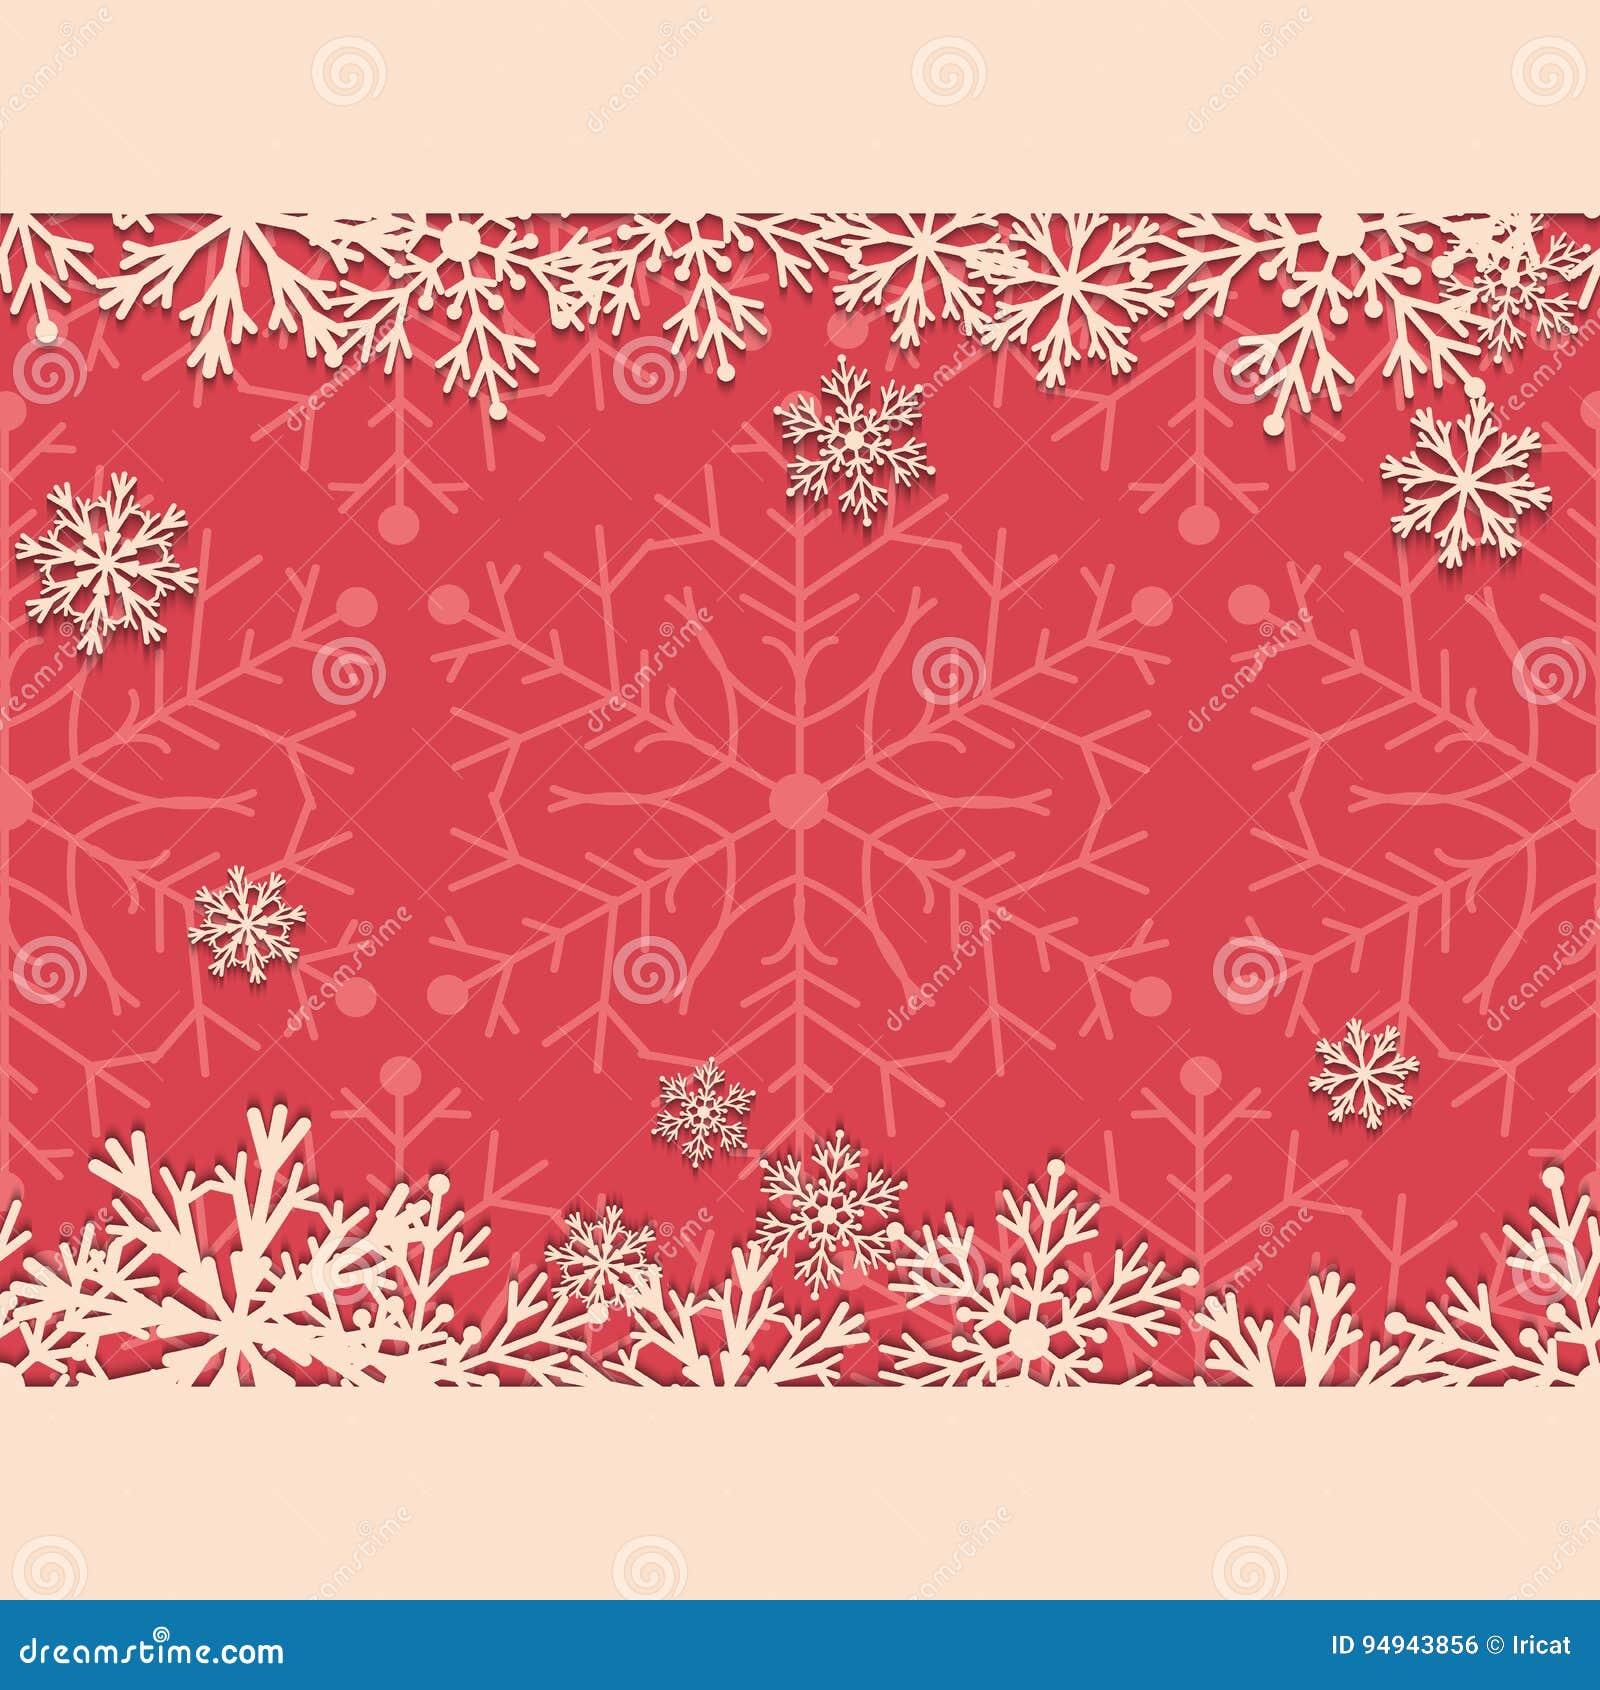 Weinleseweihnachtshintergrund Mit Schneeflocken Papierschneeflocken